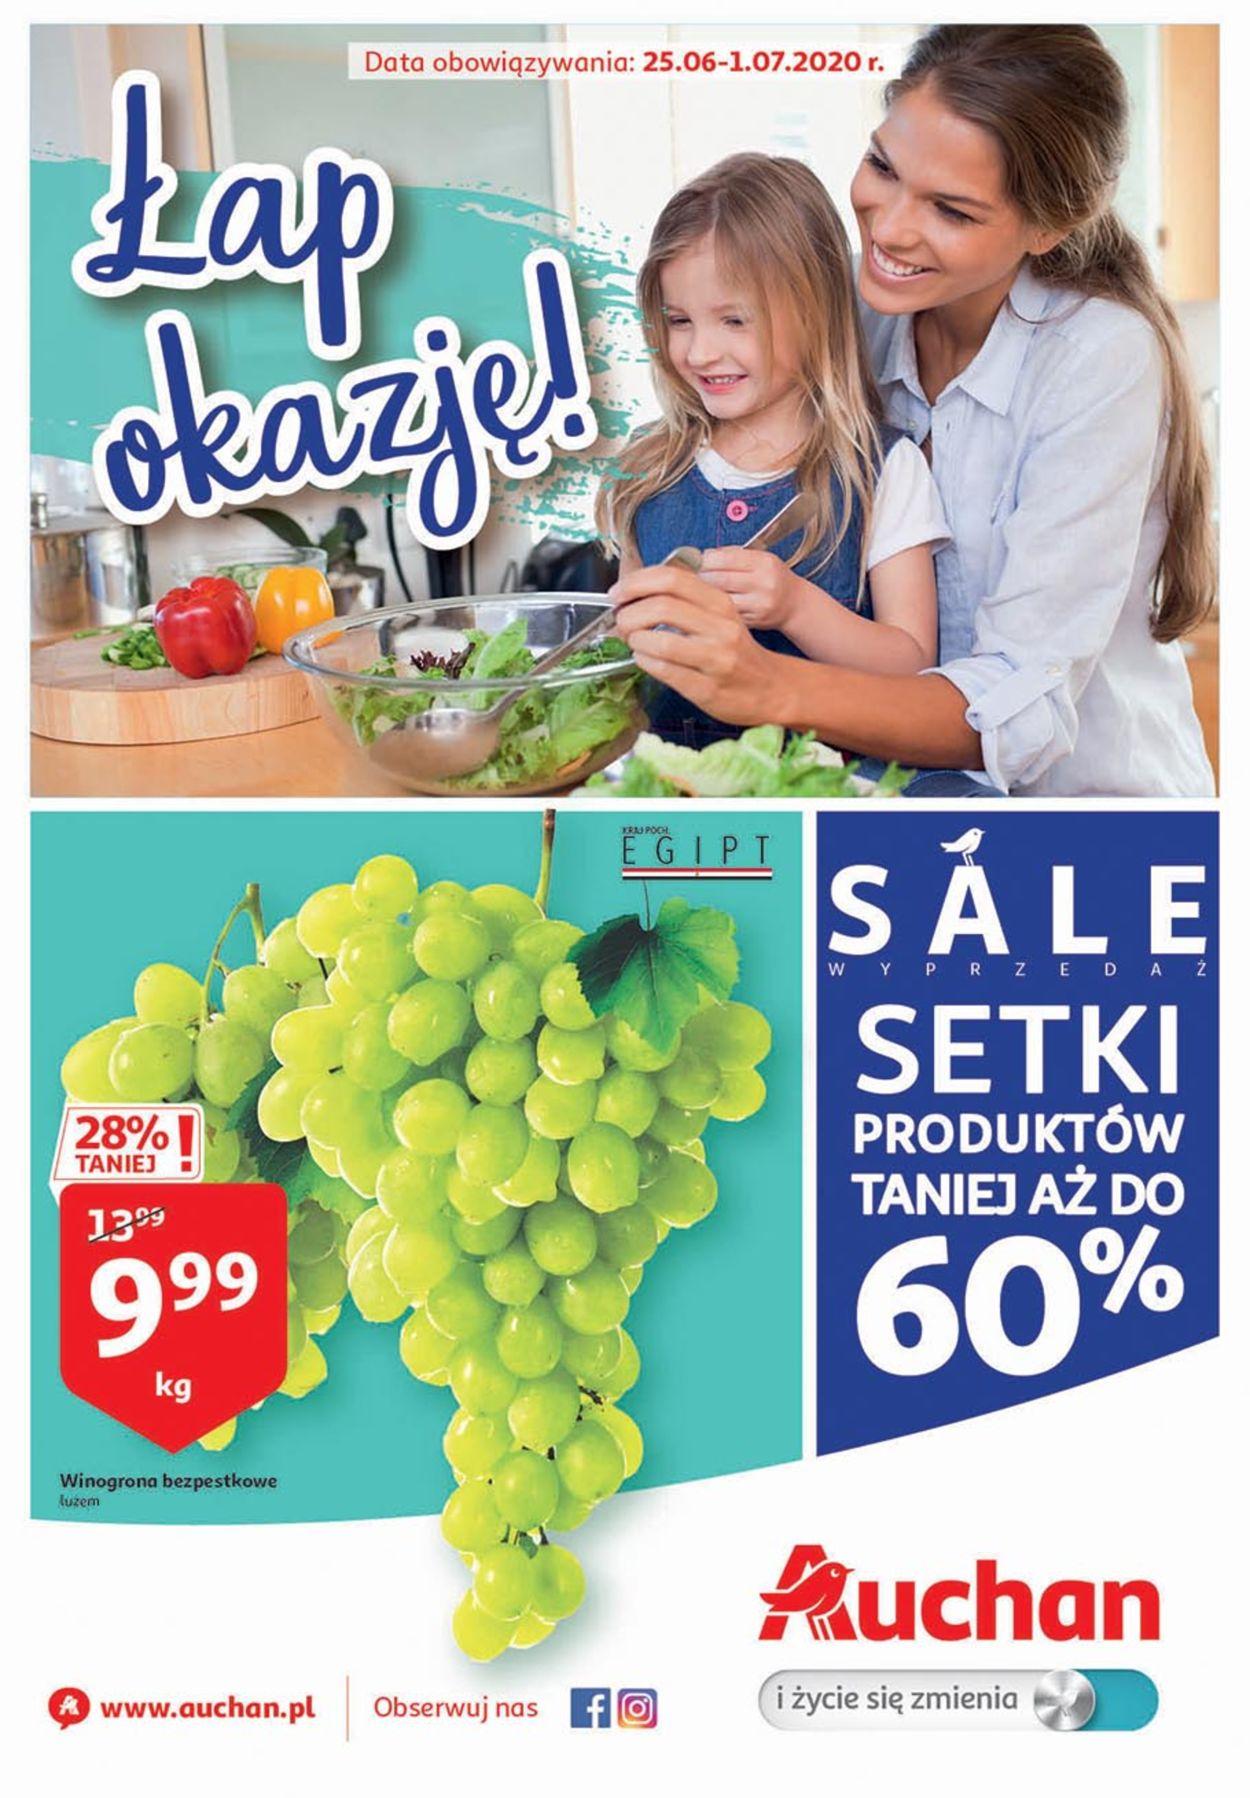 Gazetka promocyjna Auchan - 25.06-01.07.2020